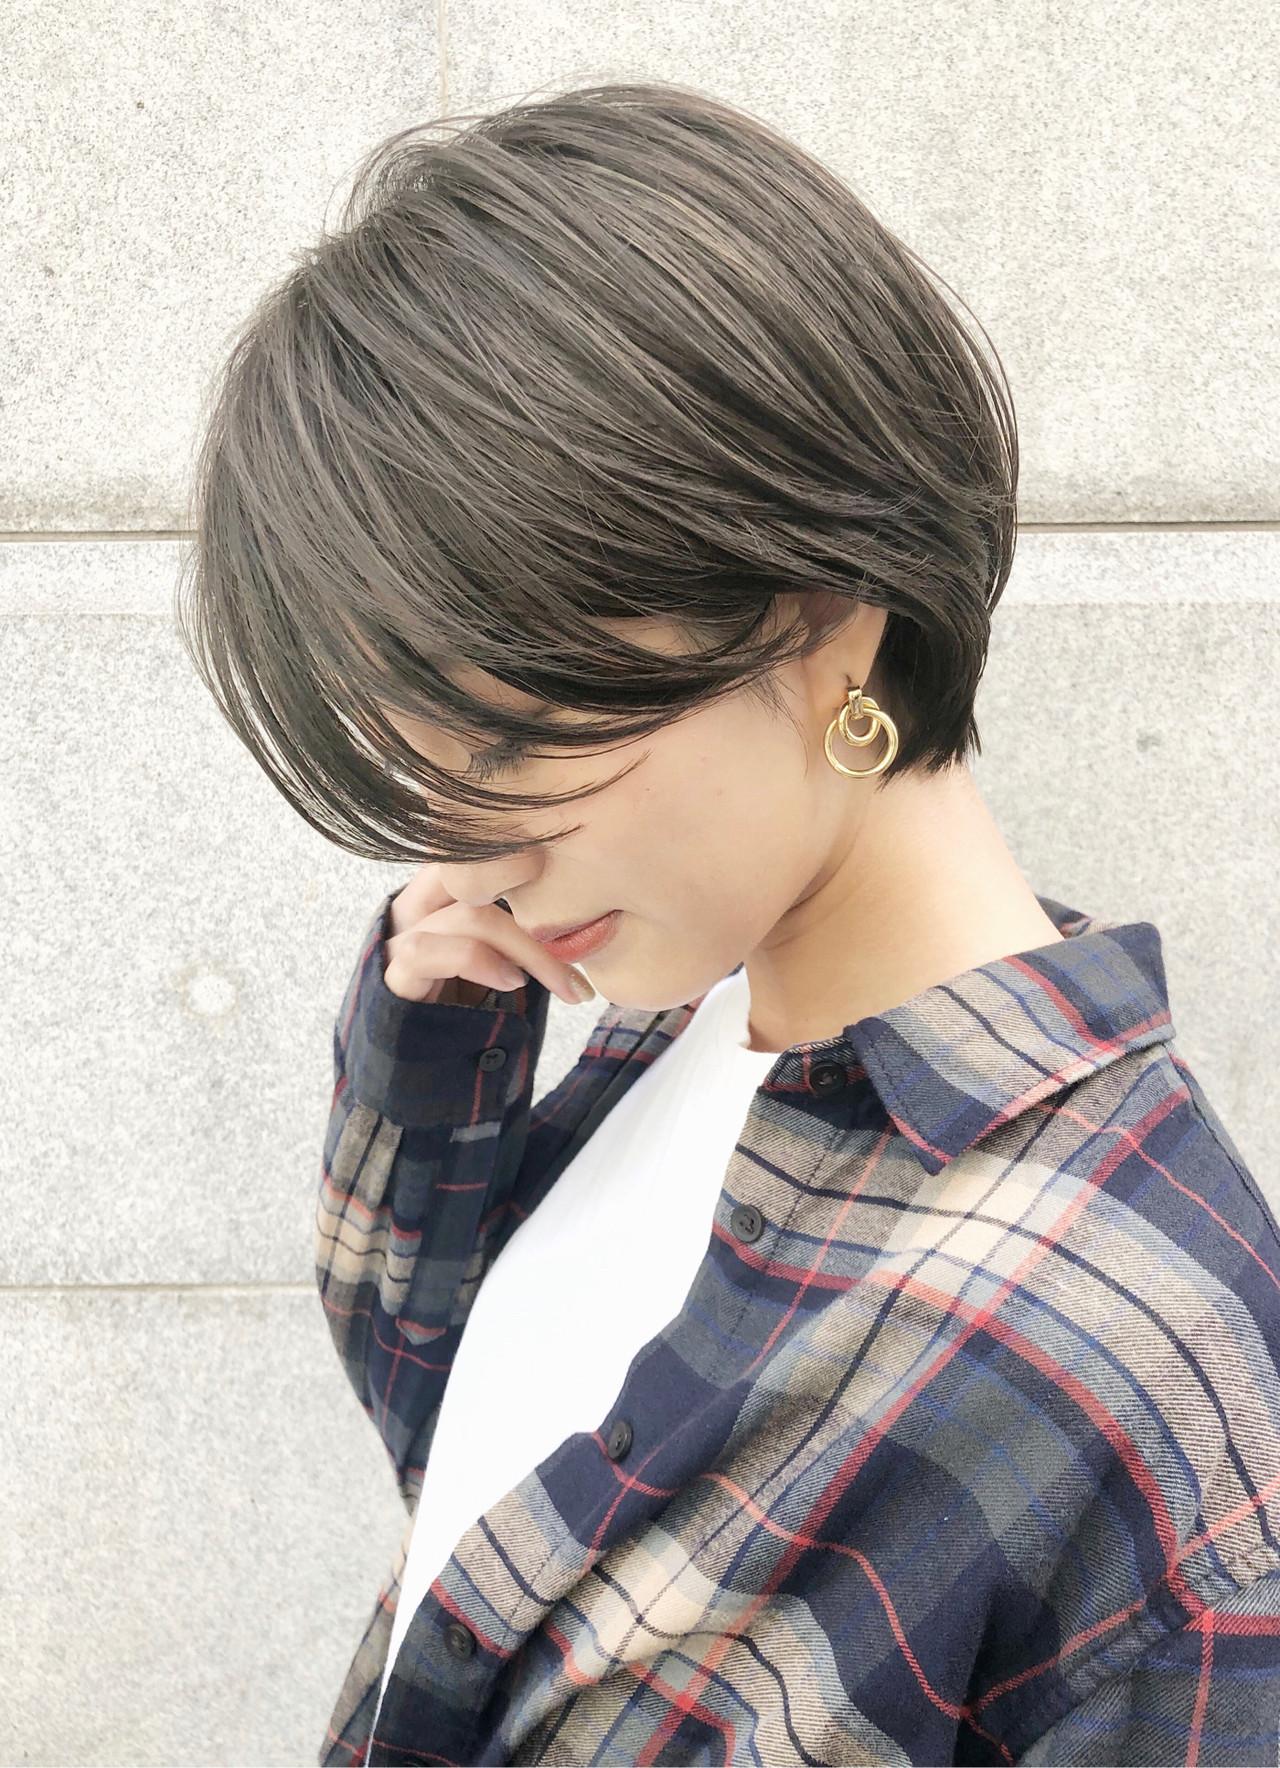 グレージュ デート ハンサムショート ショートヘア ヘアスタイルや髪型の写真・画像 | 小金丸大河【銀座sand】ショートヘア / sand銀座